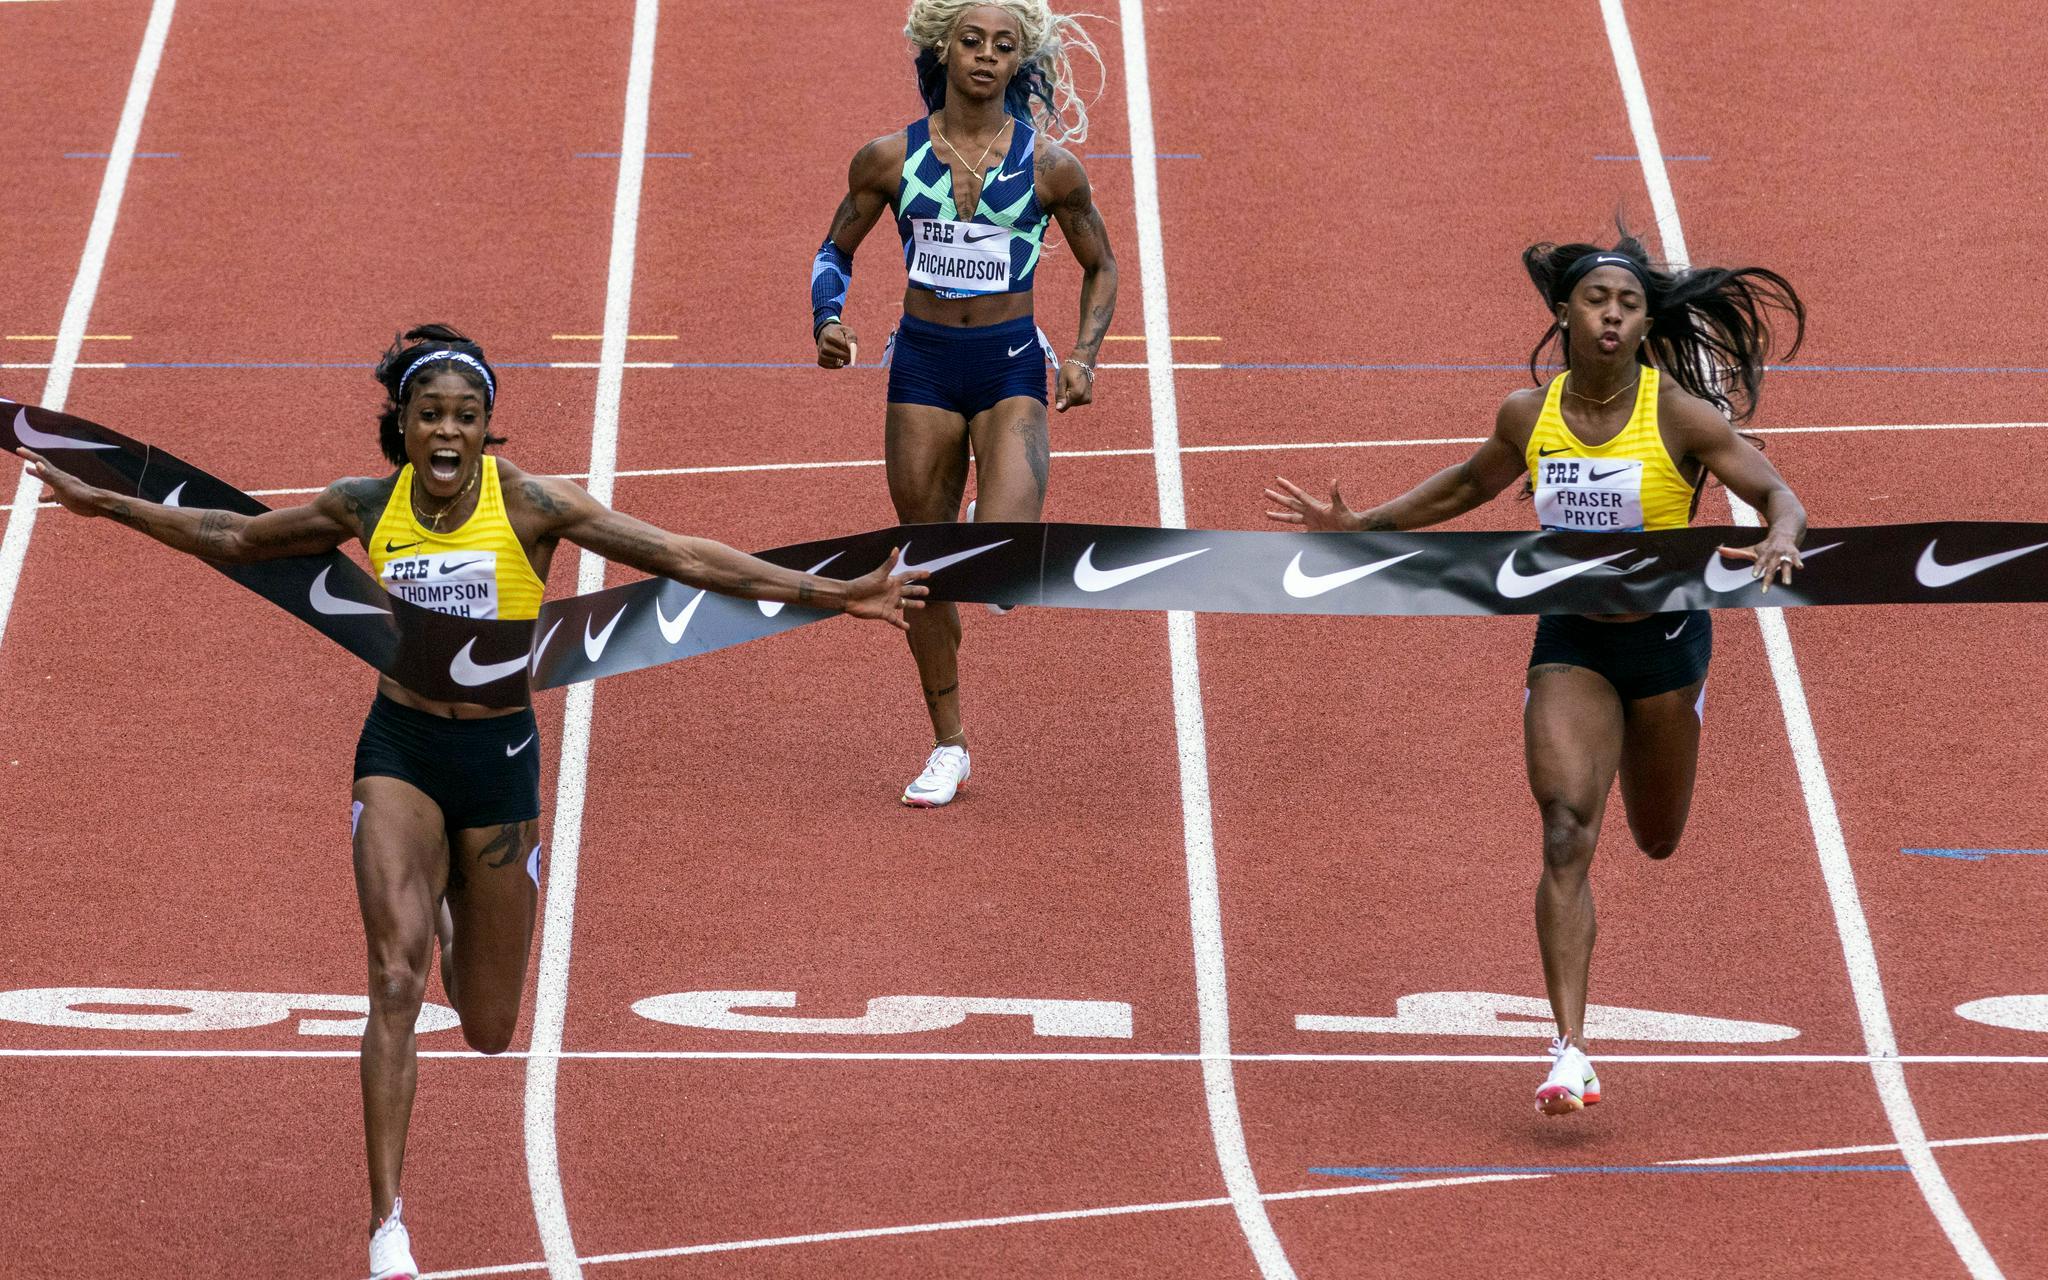 10秒54!女子百米再次诞生惊人成绩